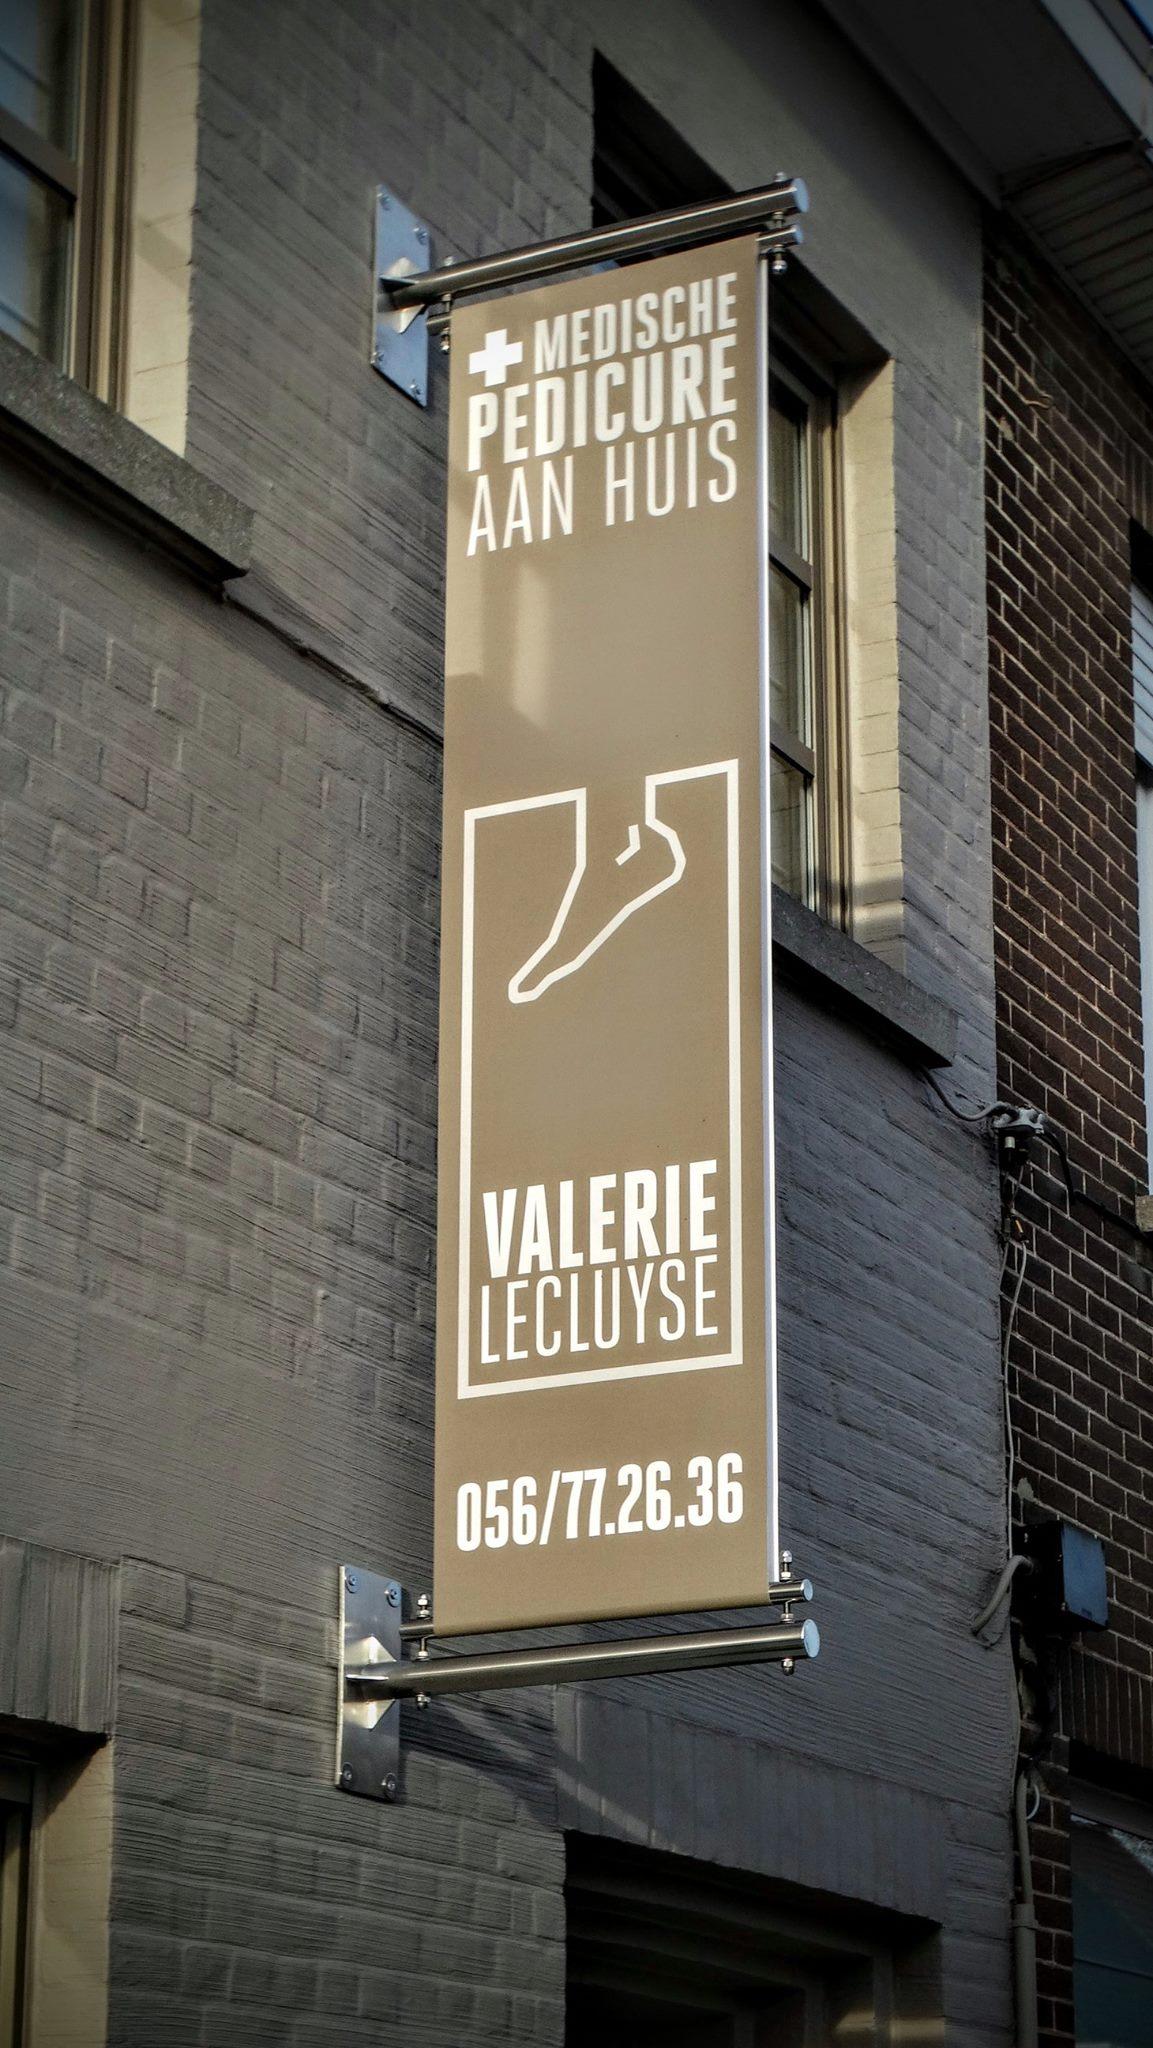 Gevelbannier Valerie Lecluyse